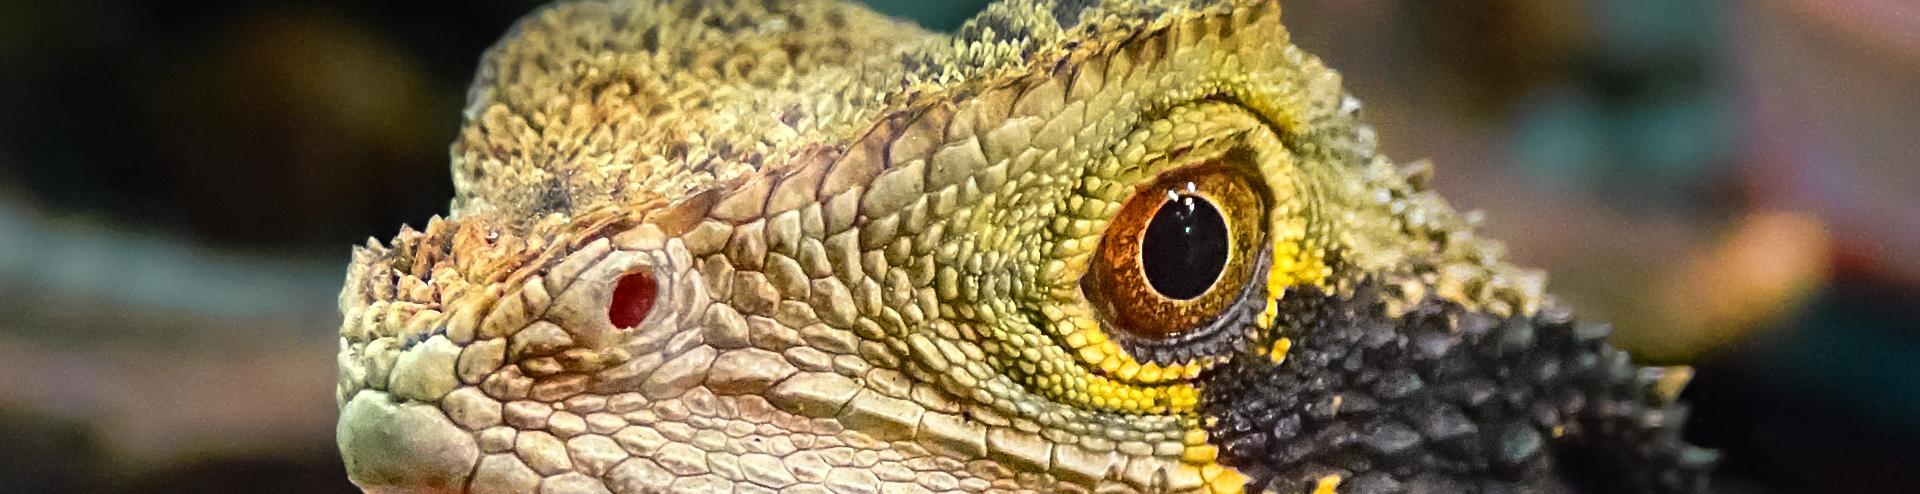 Macro fotografía de un coloreado lagarto